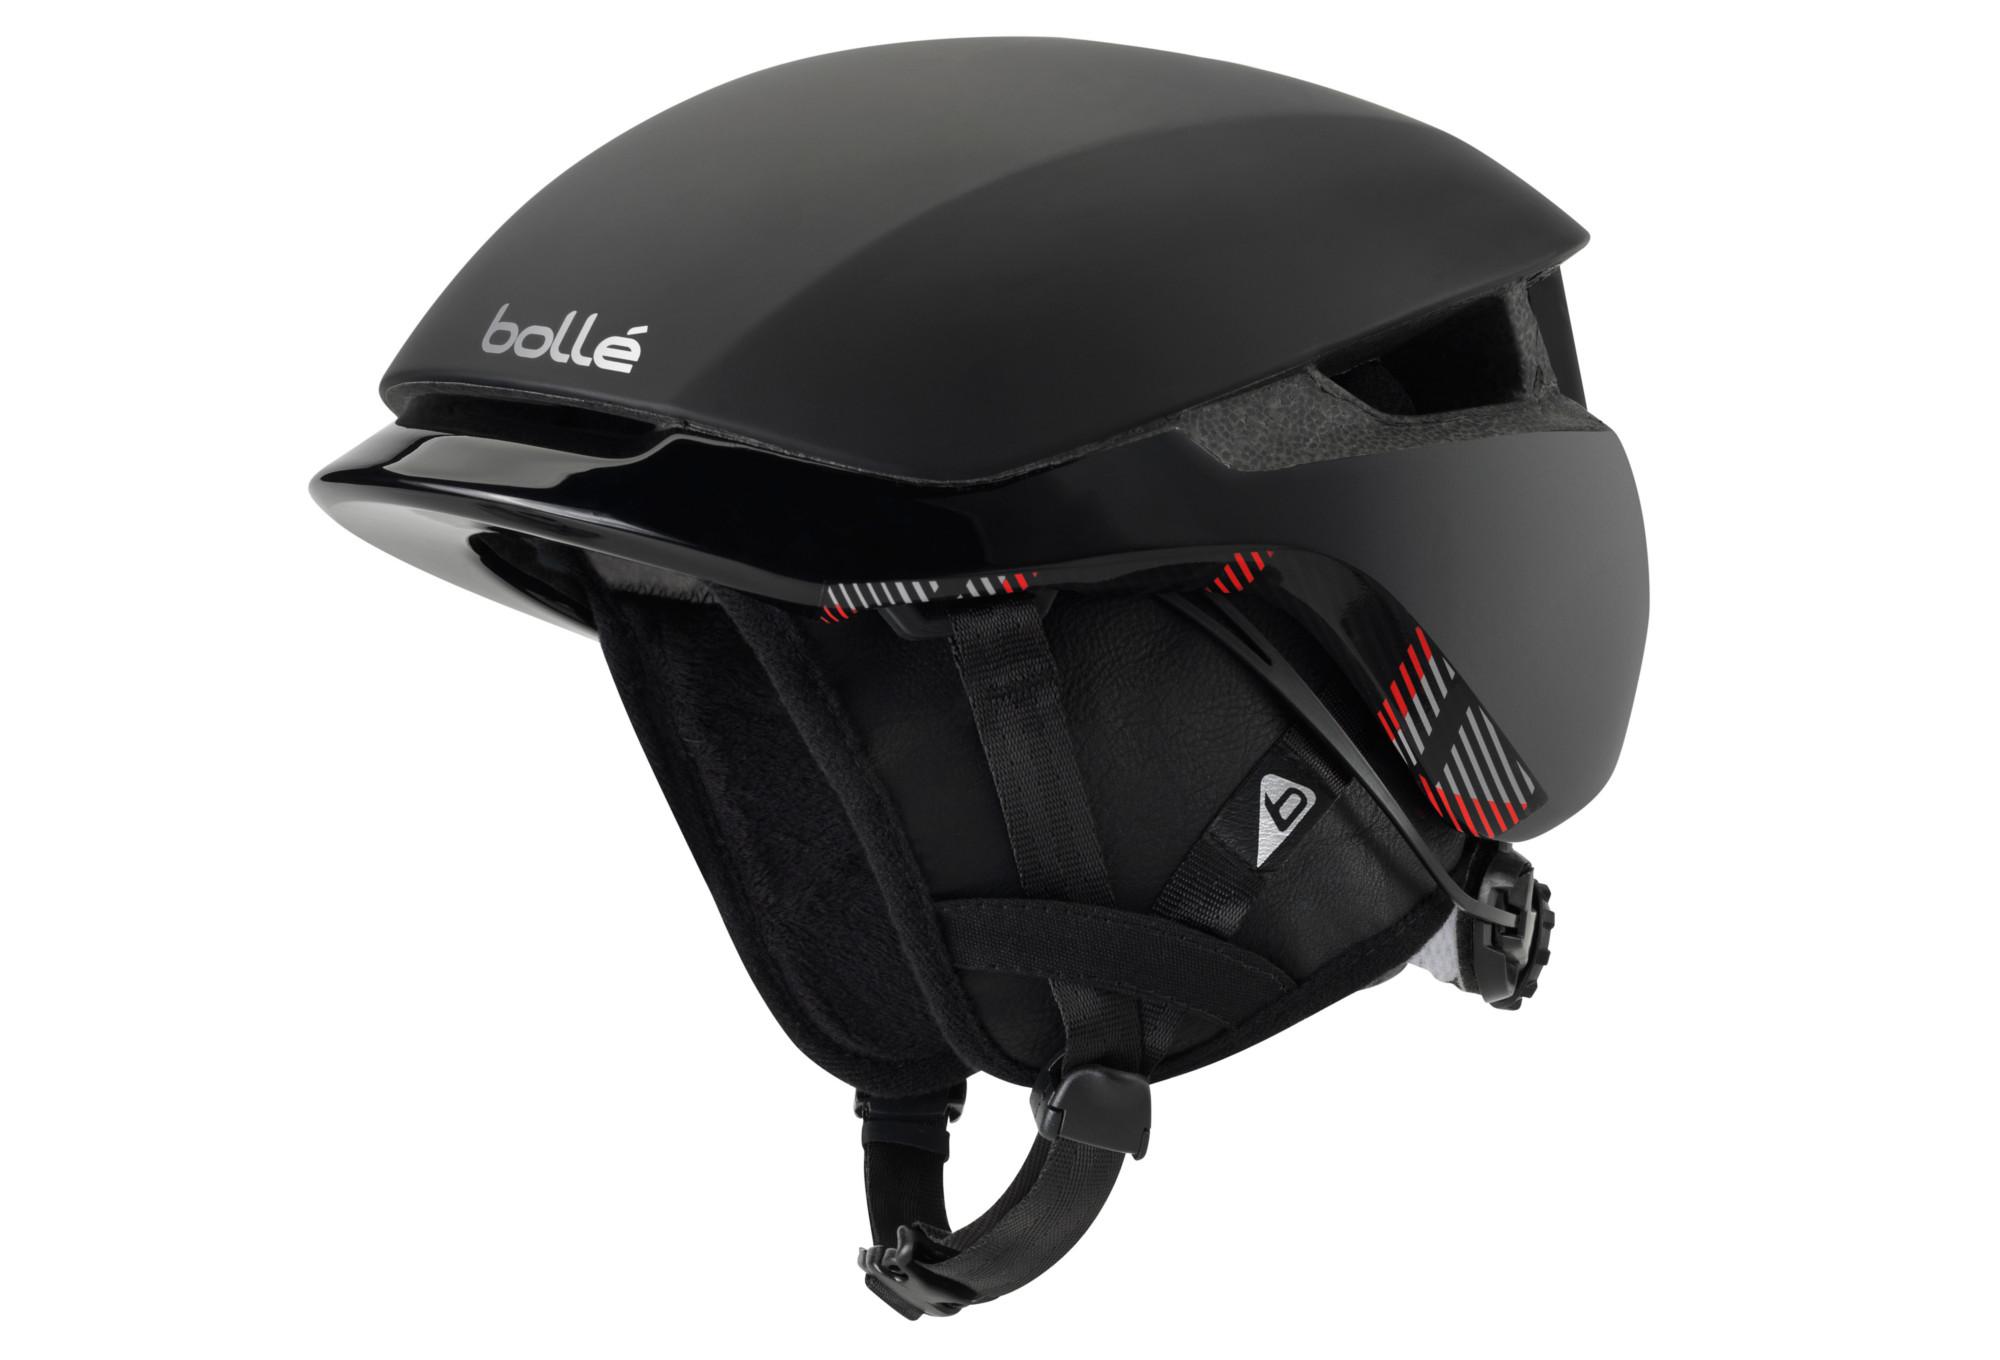 Casque Cyclisme - Messenger Premium - Noir XBaflco